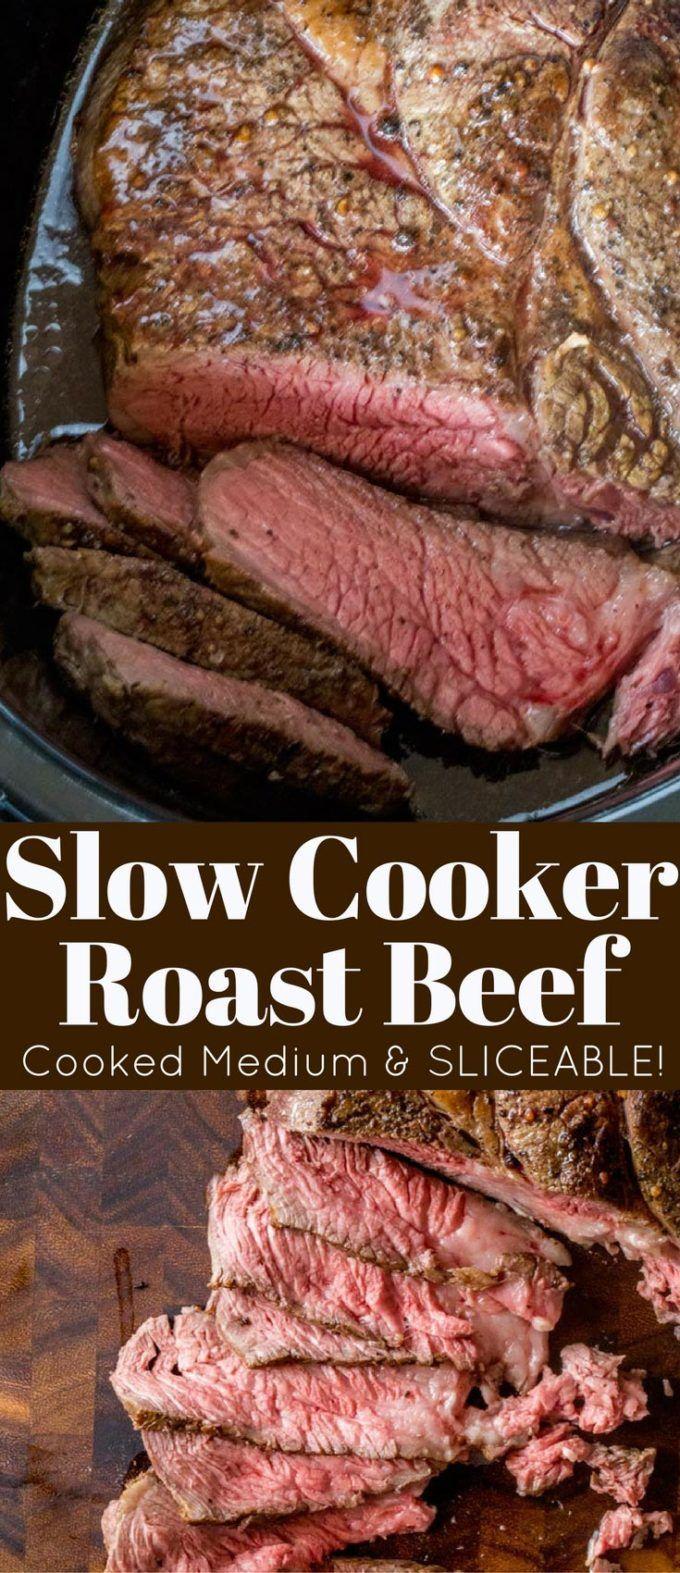 Sliced roast beef package - Slow Cooker Roast Beef